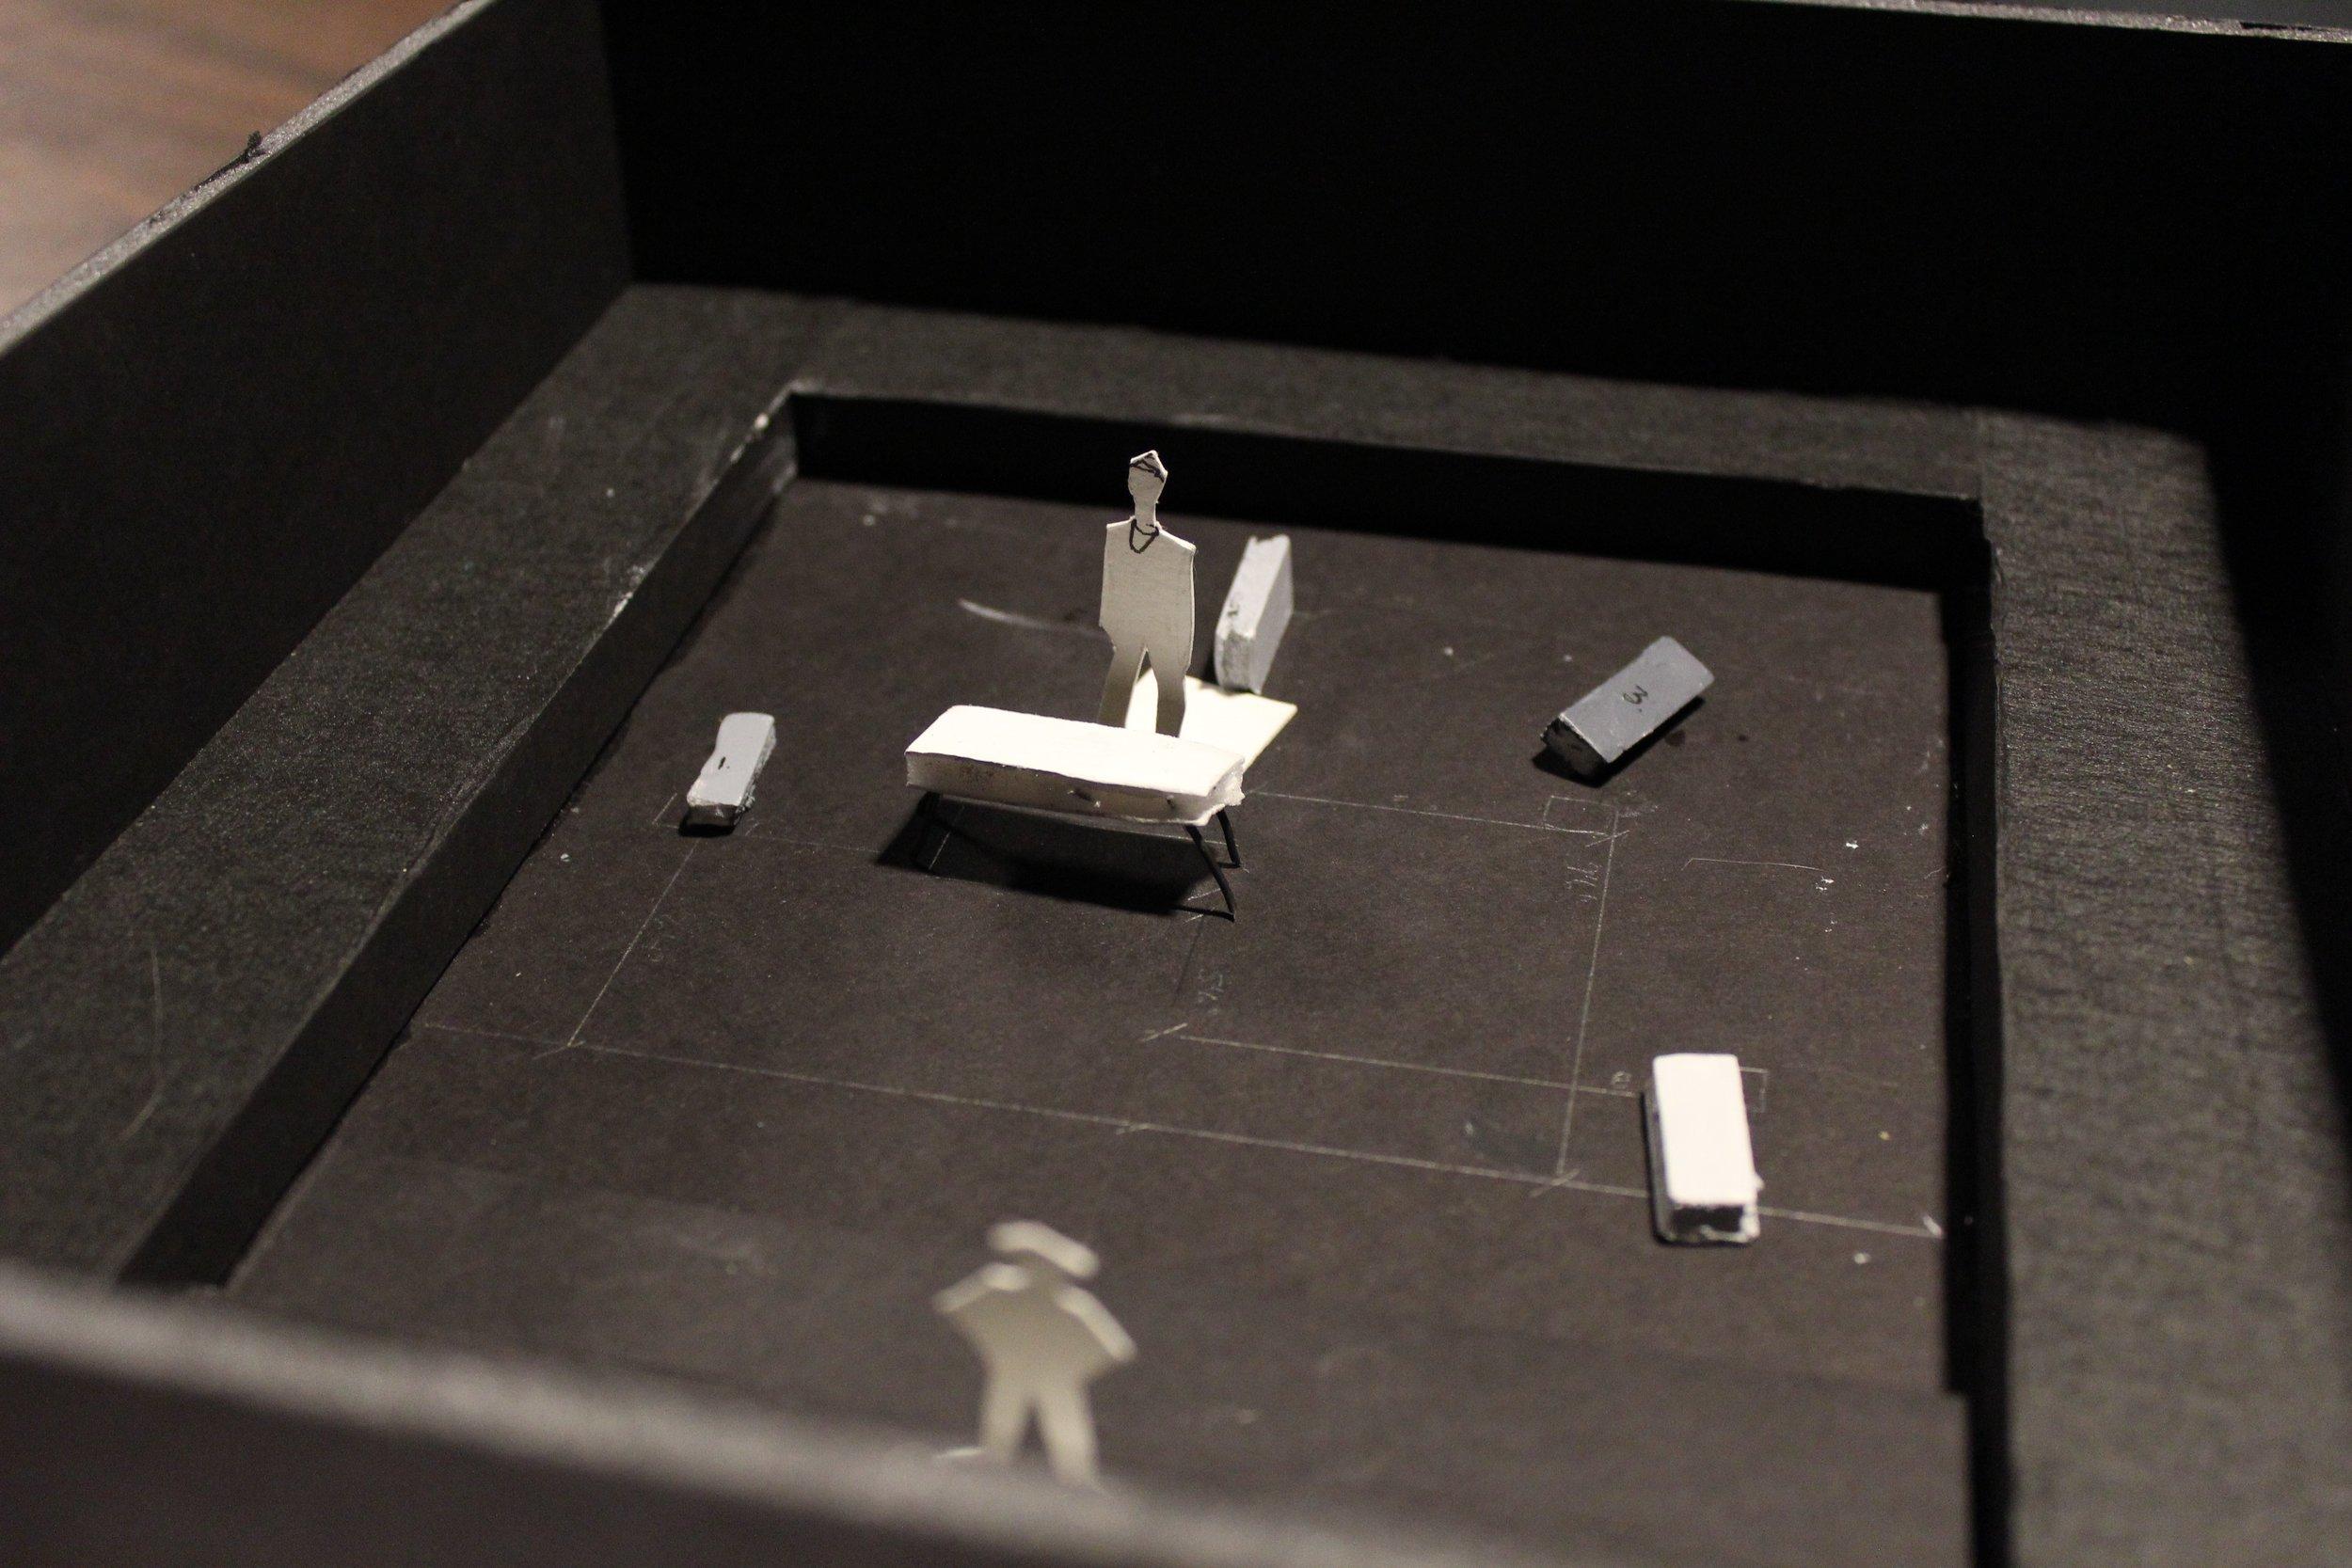 The Theatre Centre version of the model